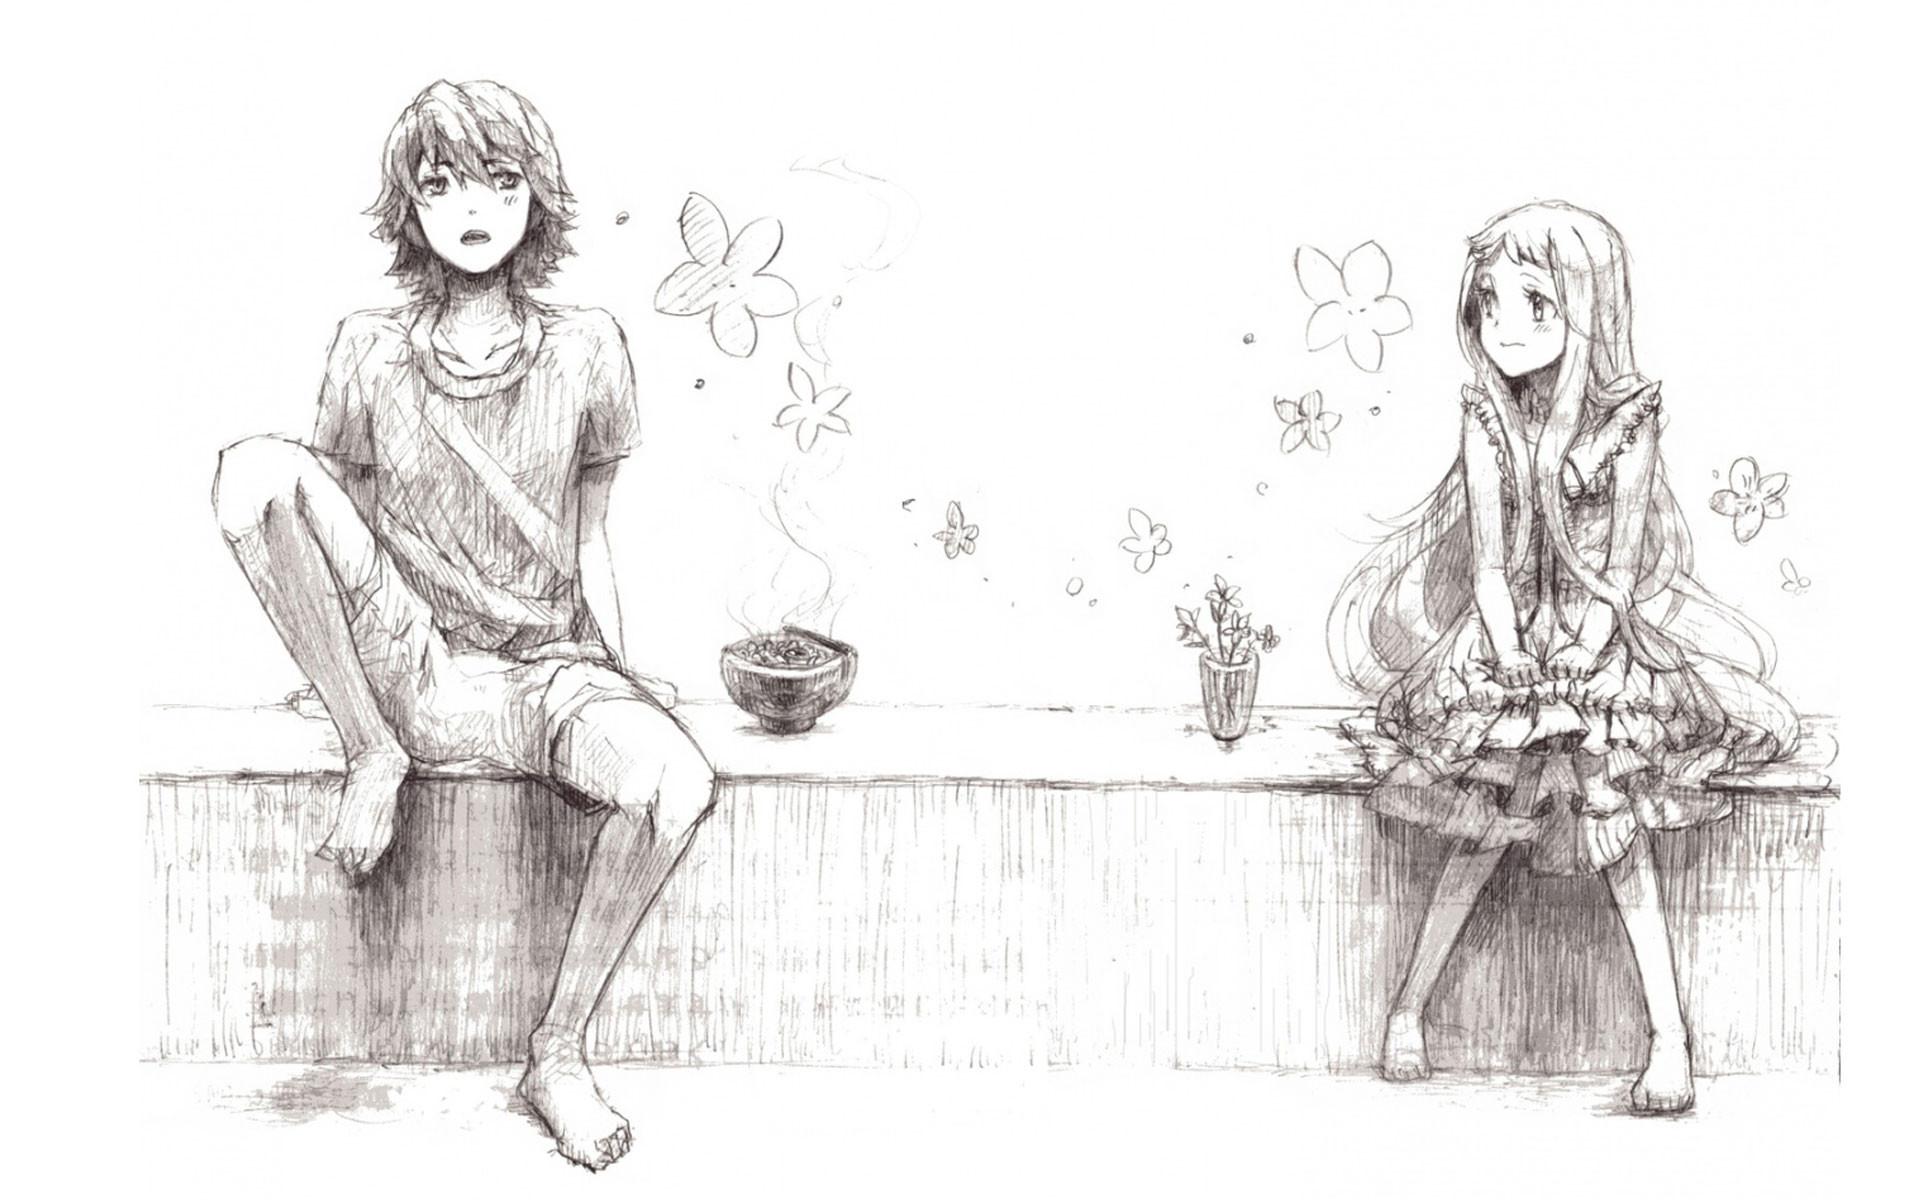 1920x1200 cute pencil drawing wallpaper cute love drawings pencil art hd romantic sketch wallpaper